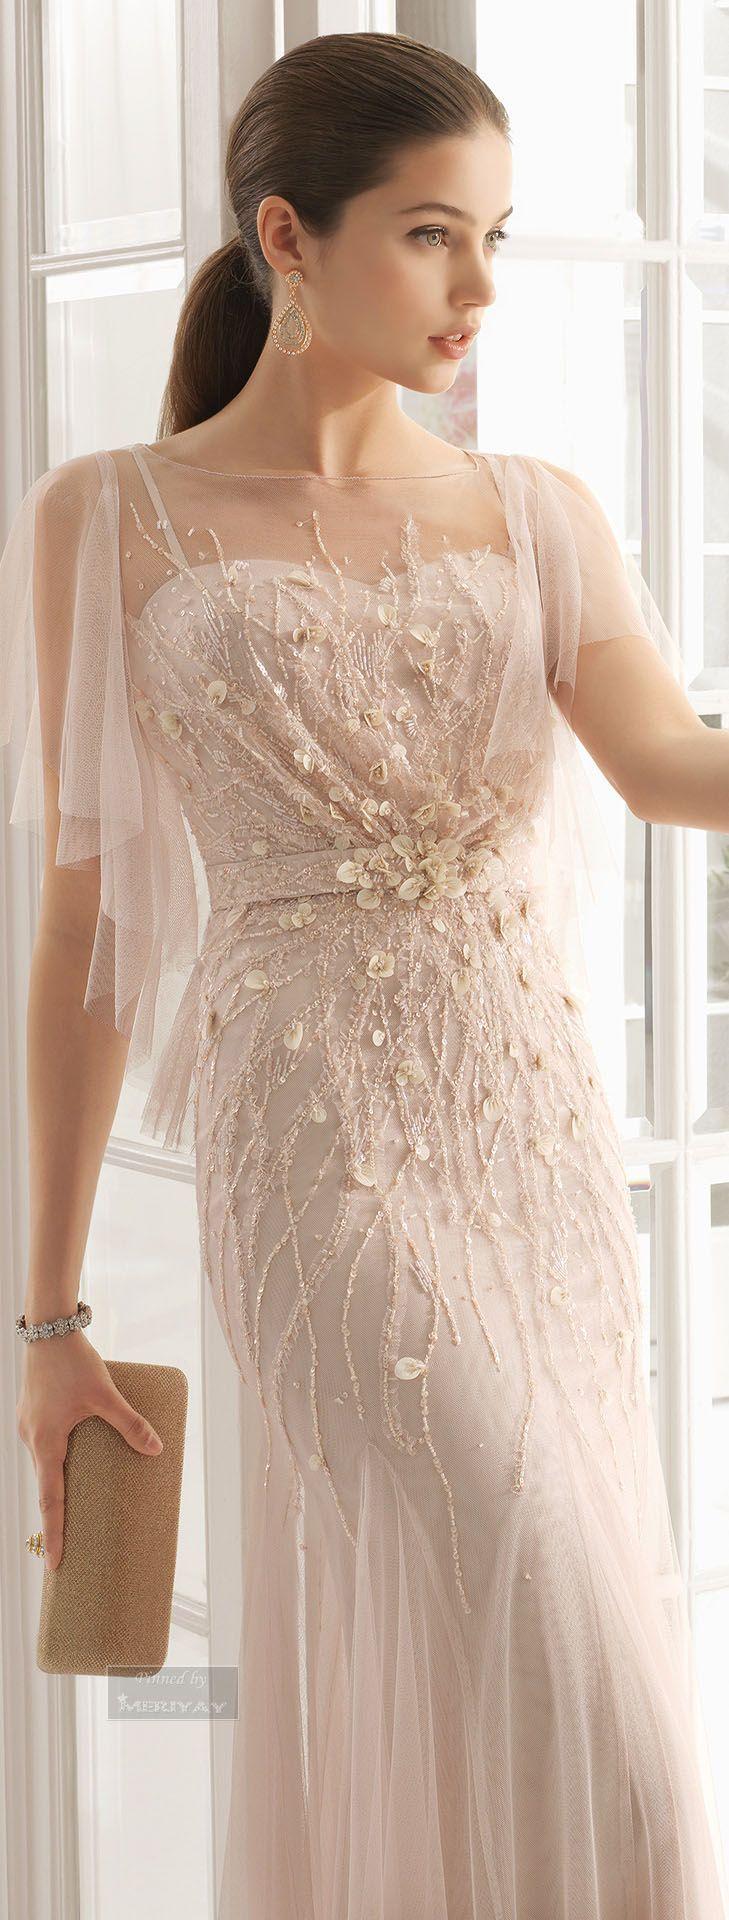 best wonderfull fashions images on pinterest short wedding